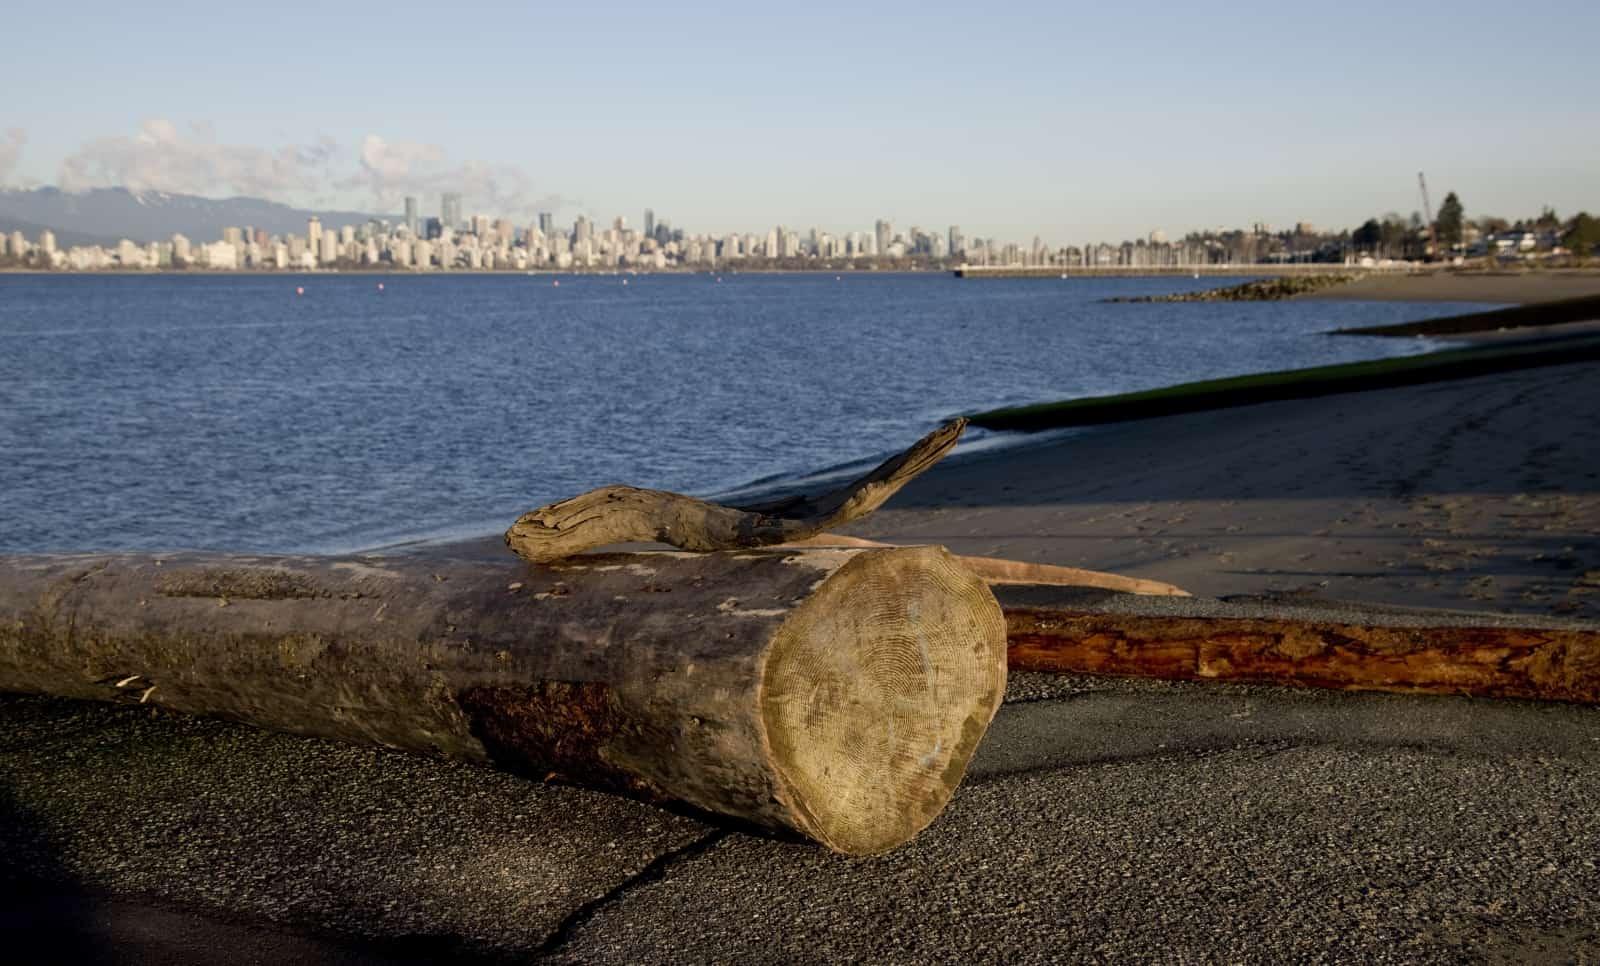 Spanish Banks vor der Skyline von Vancouver Foto photoguy66